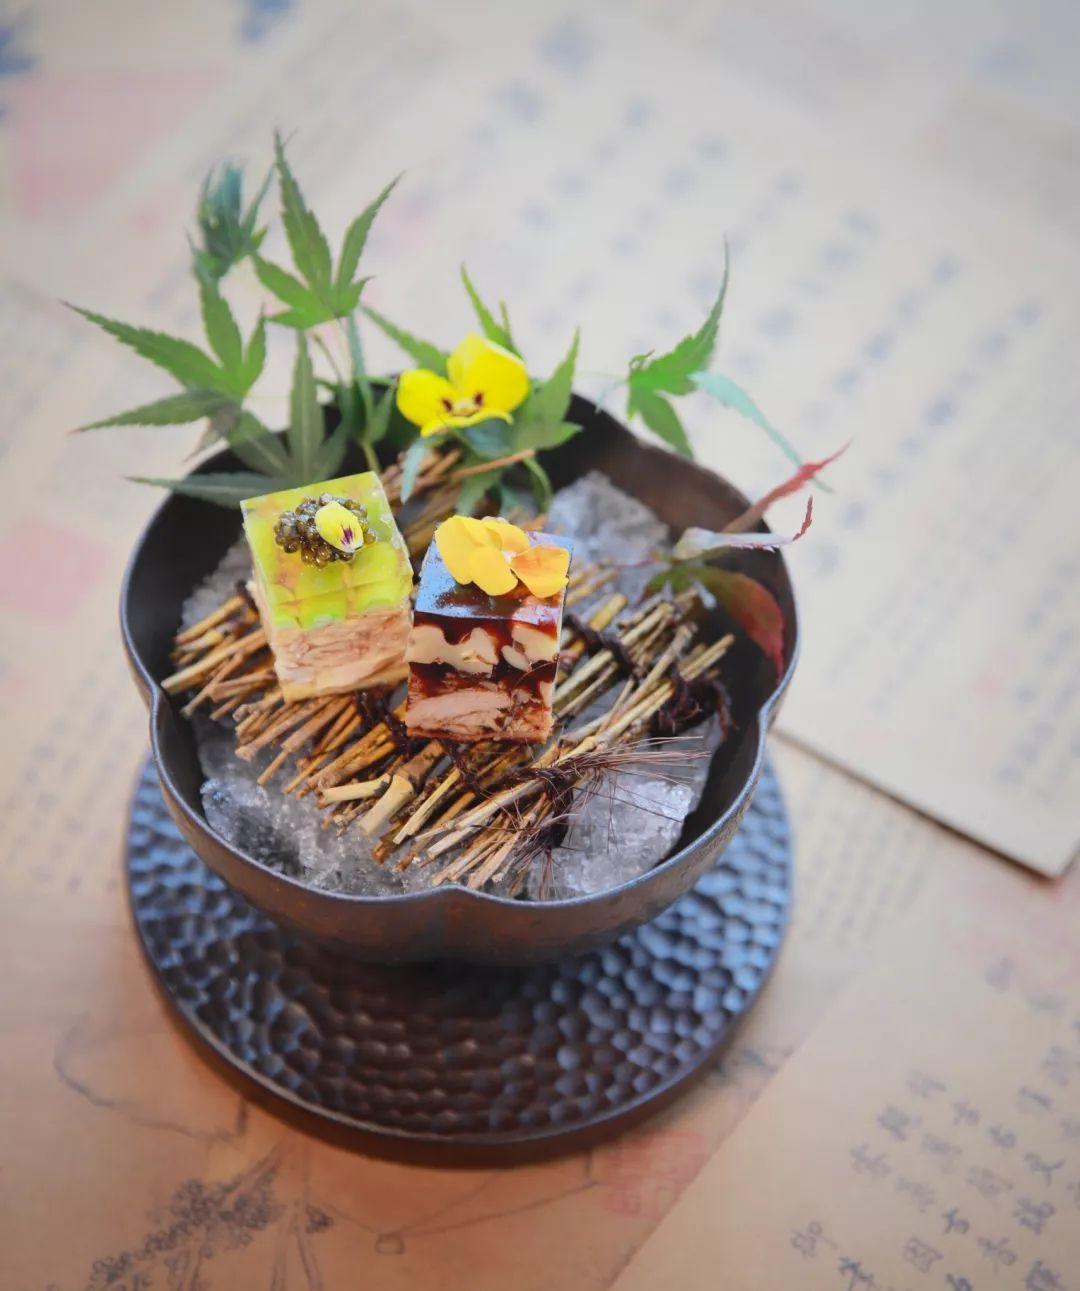 法式鹅肝配鱼香汁 刘军,成都南贝创意餐厅 鱼子酱海鲜沙拉 徐招,苏州